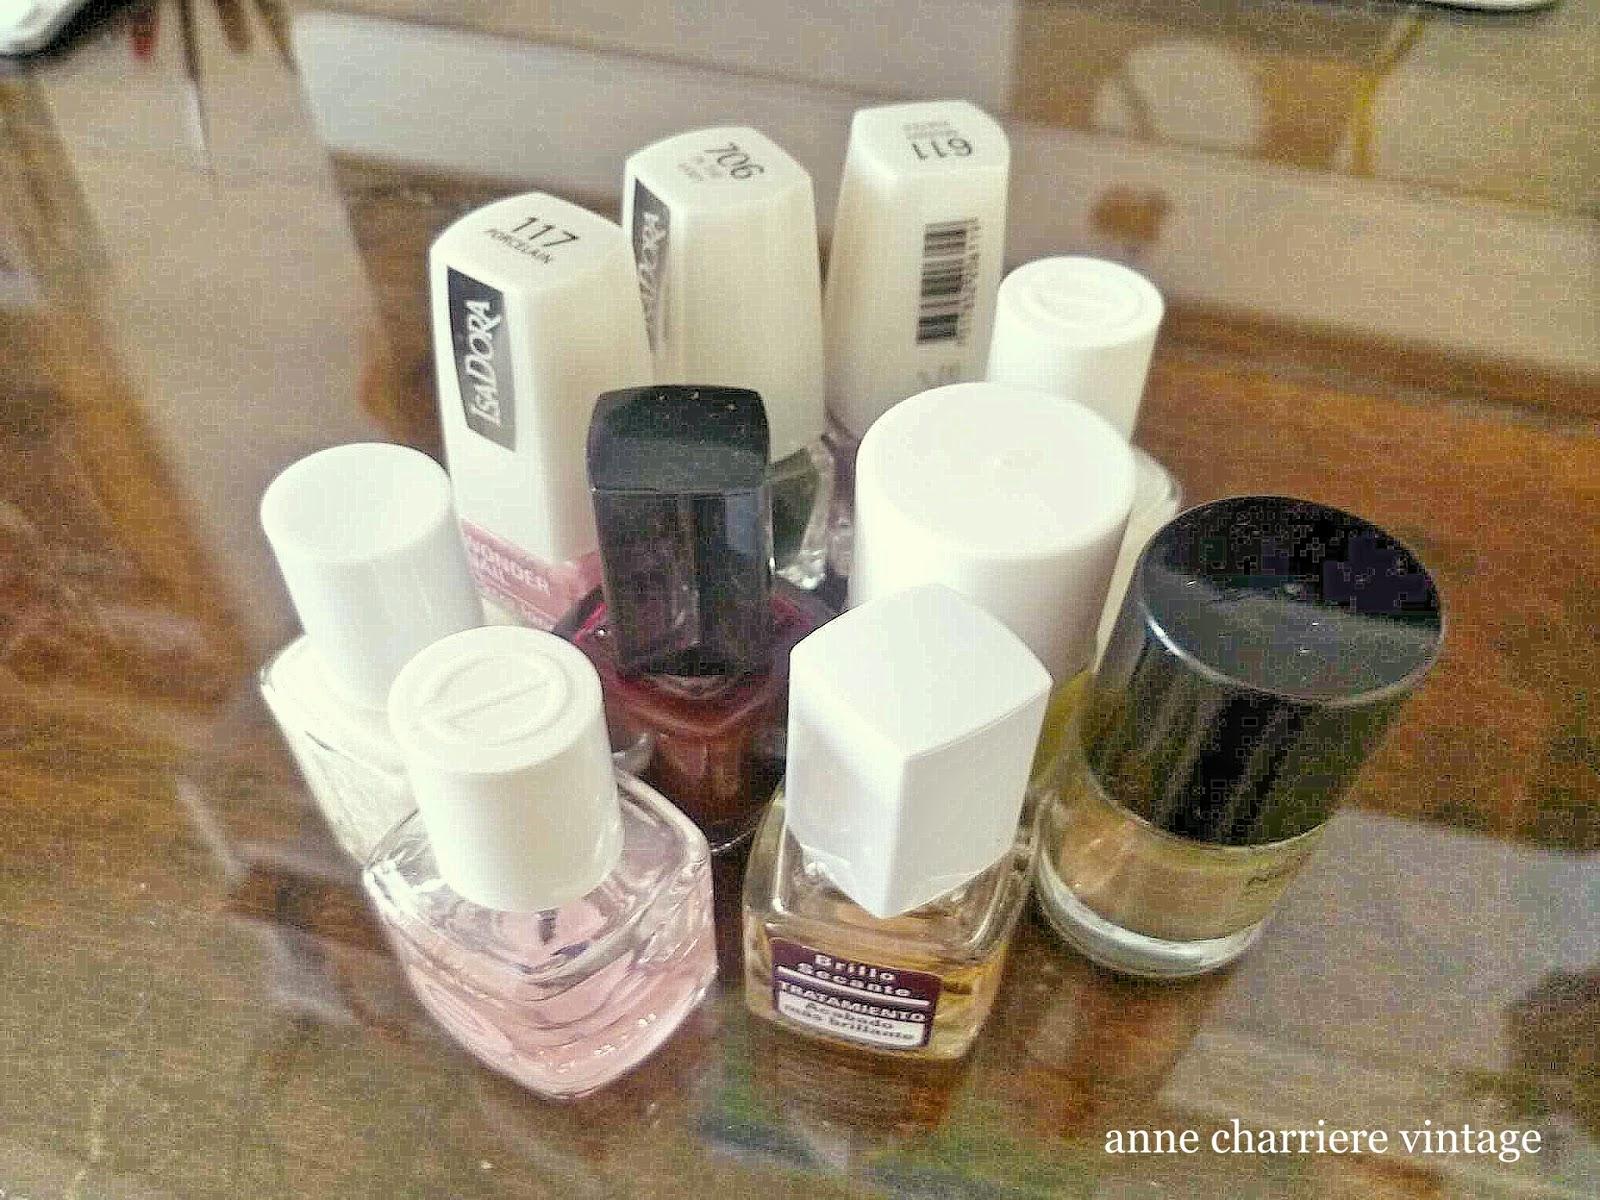 anne charriere, nail polish organizer,